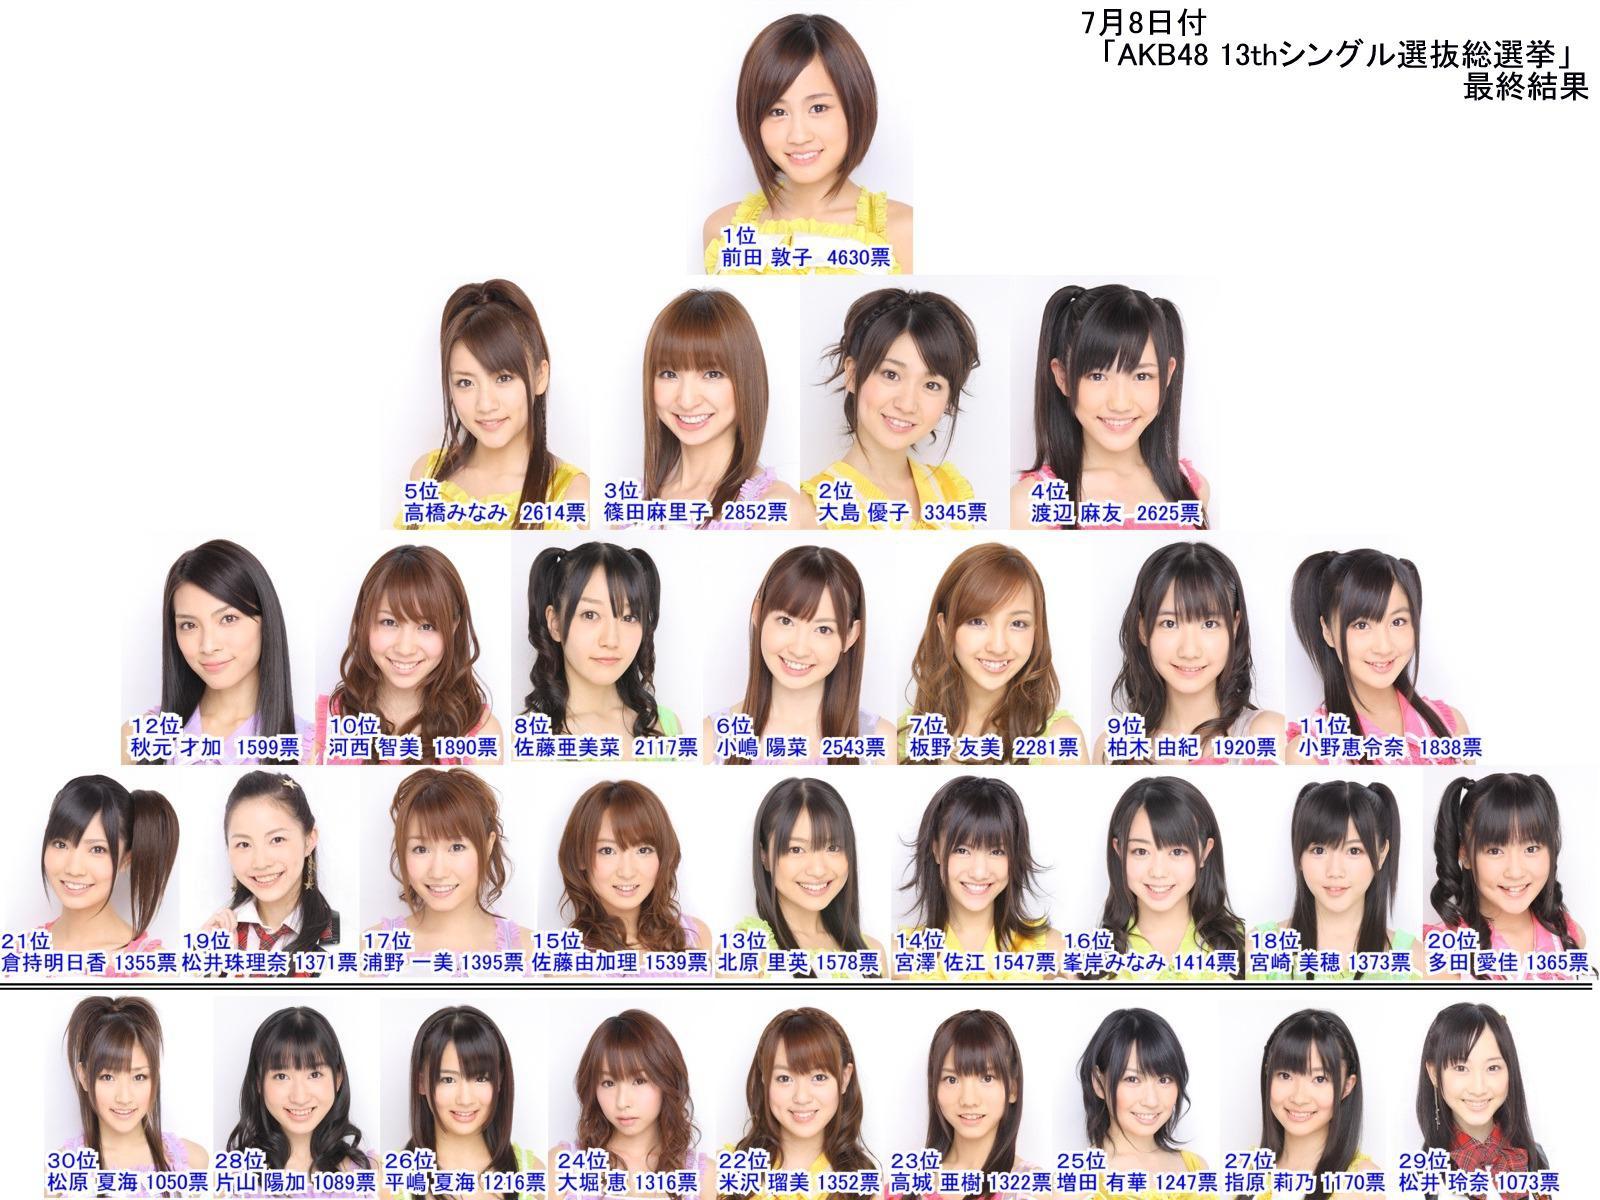 AKB48第13張單曲選拔總選舉 向神發誓 動真格